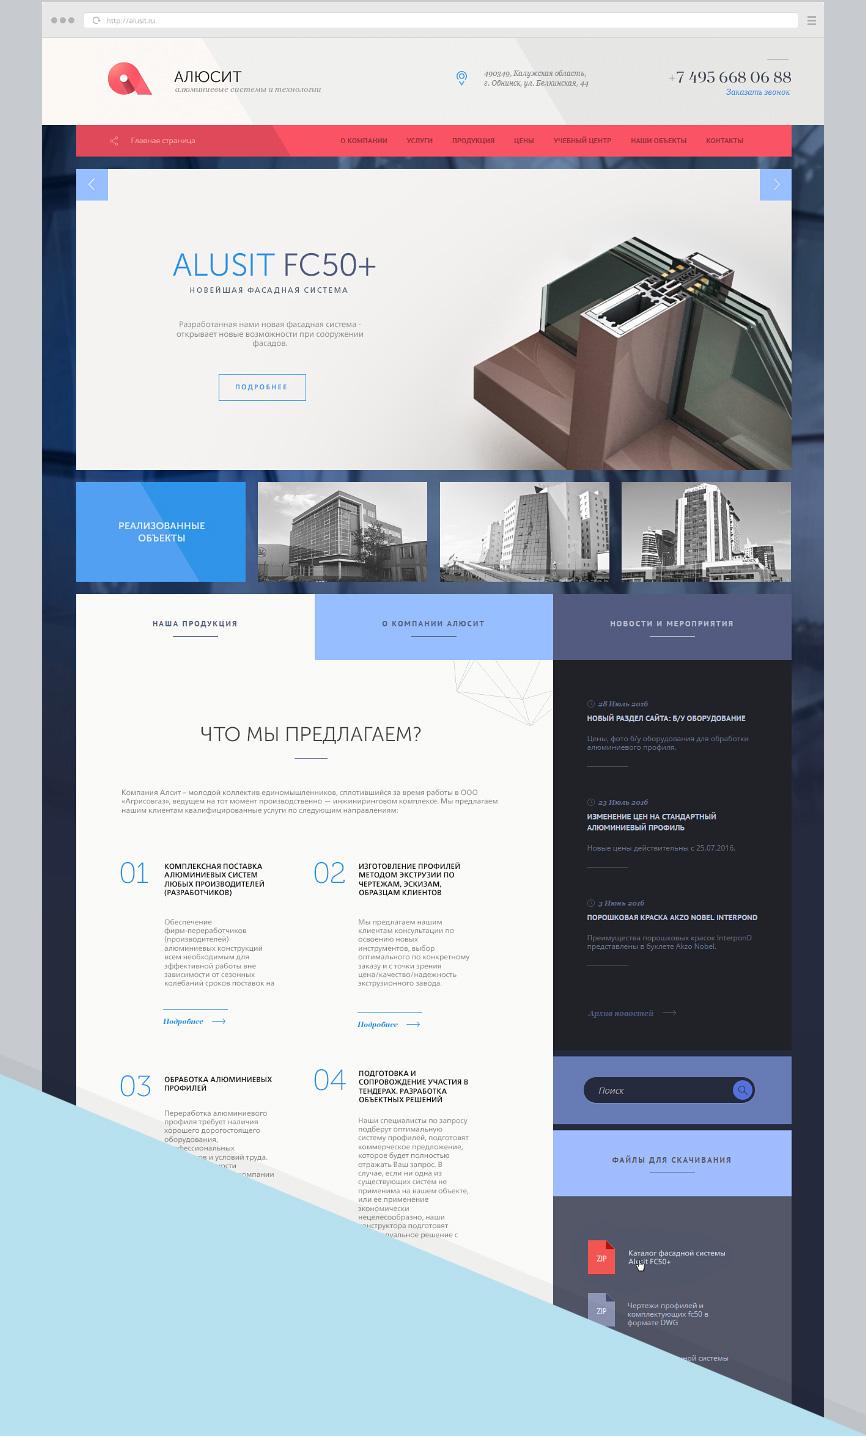 Пример дизайна главной страницы сайта Алюсит